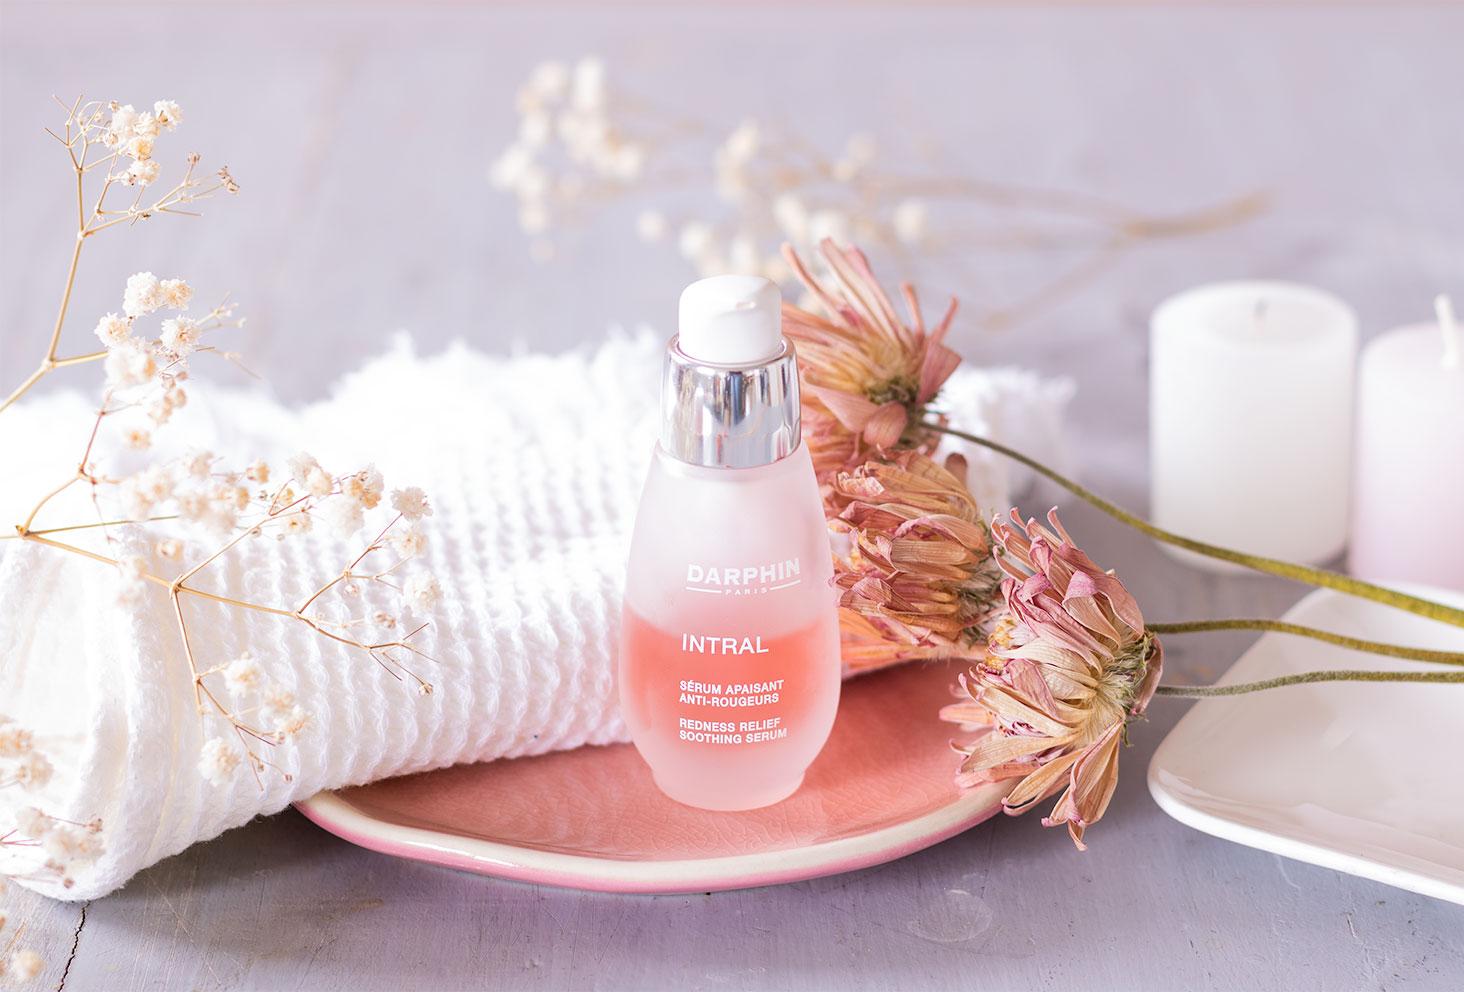 Le sérum apaisant anti-rougeurs de Darphin, dans un flacon en verre, posé dans une coupelle rose au milieu de fleurs séchées